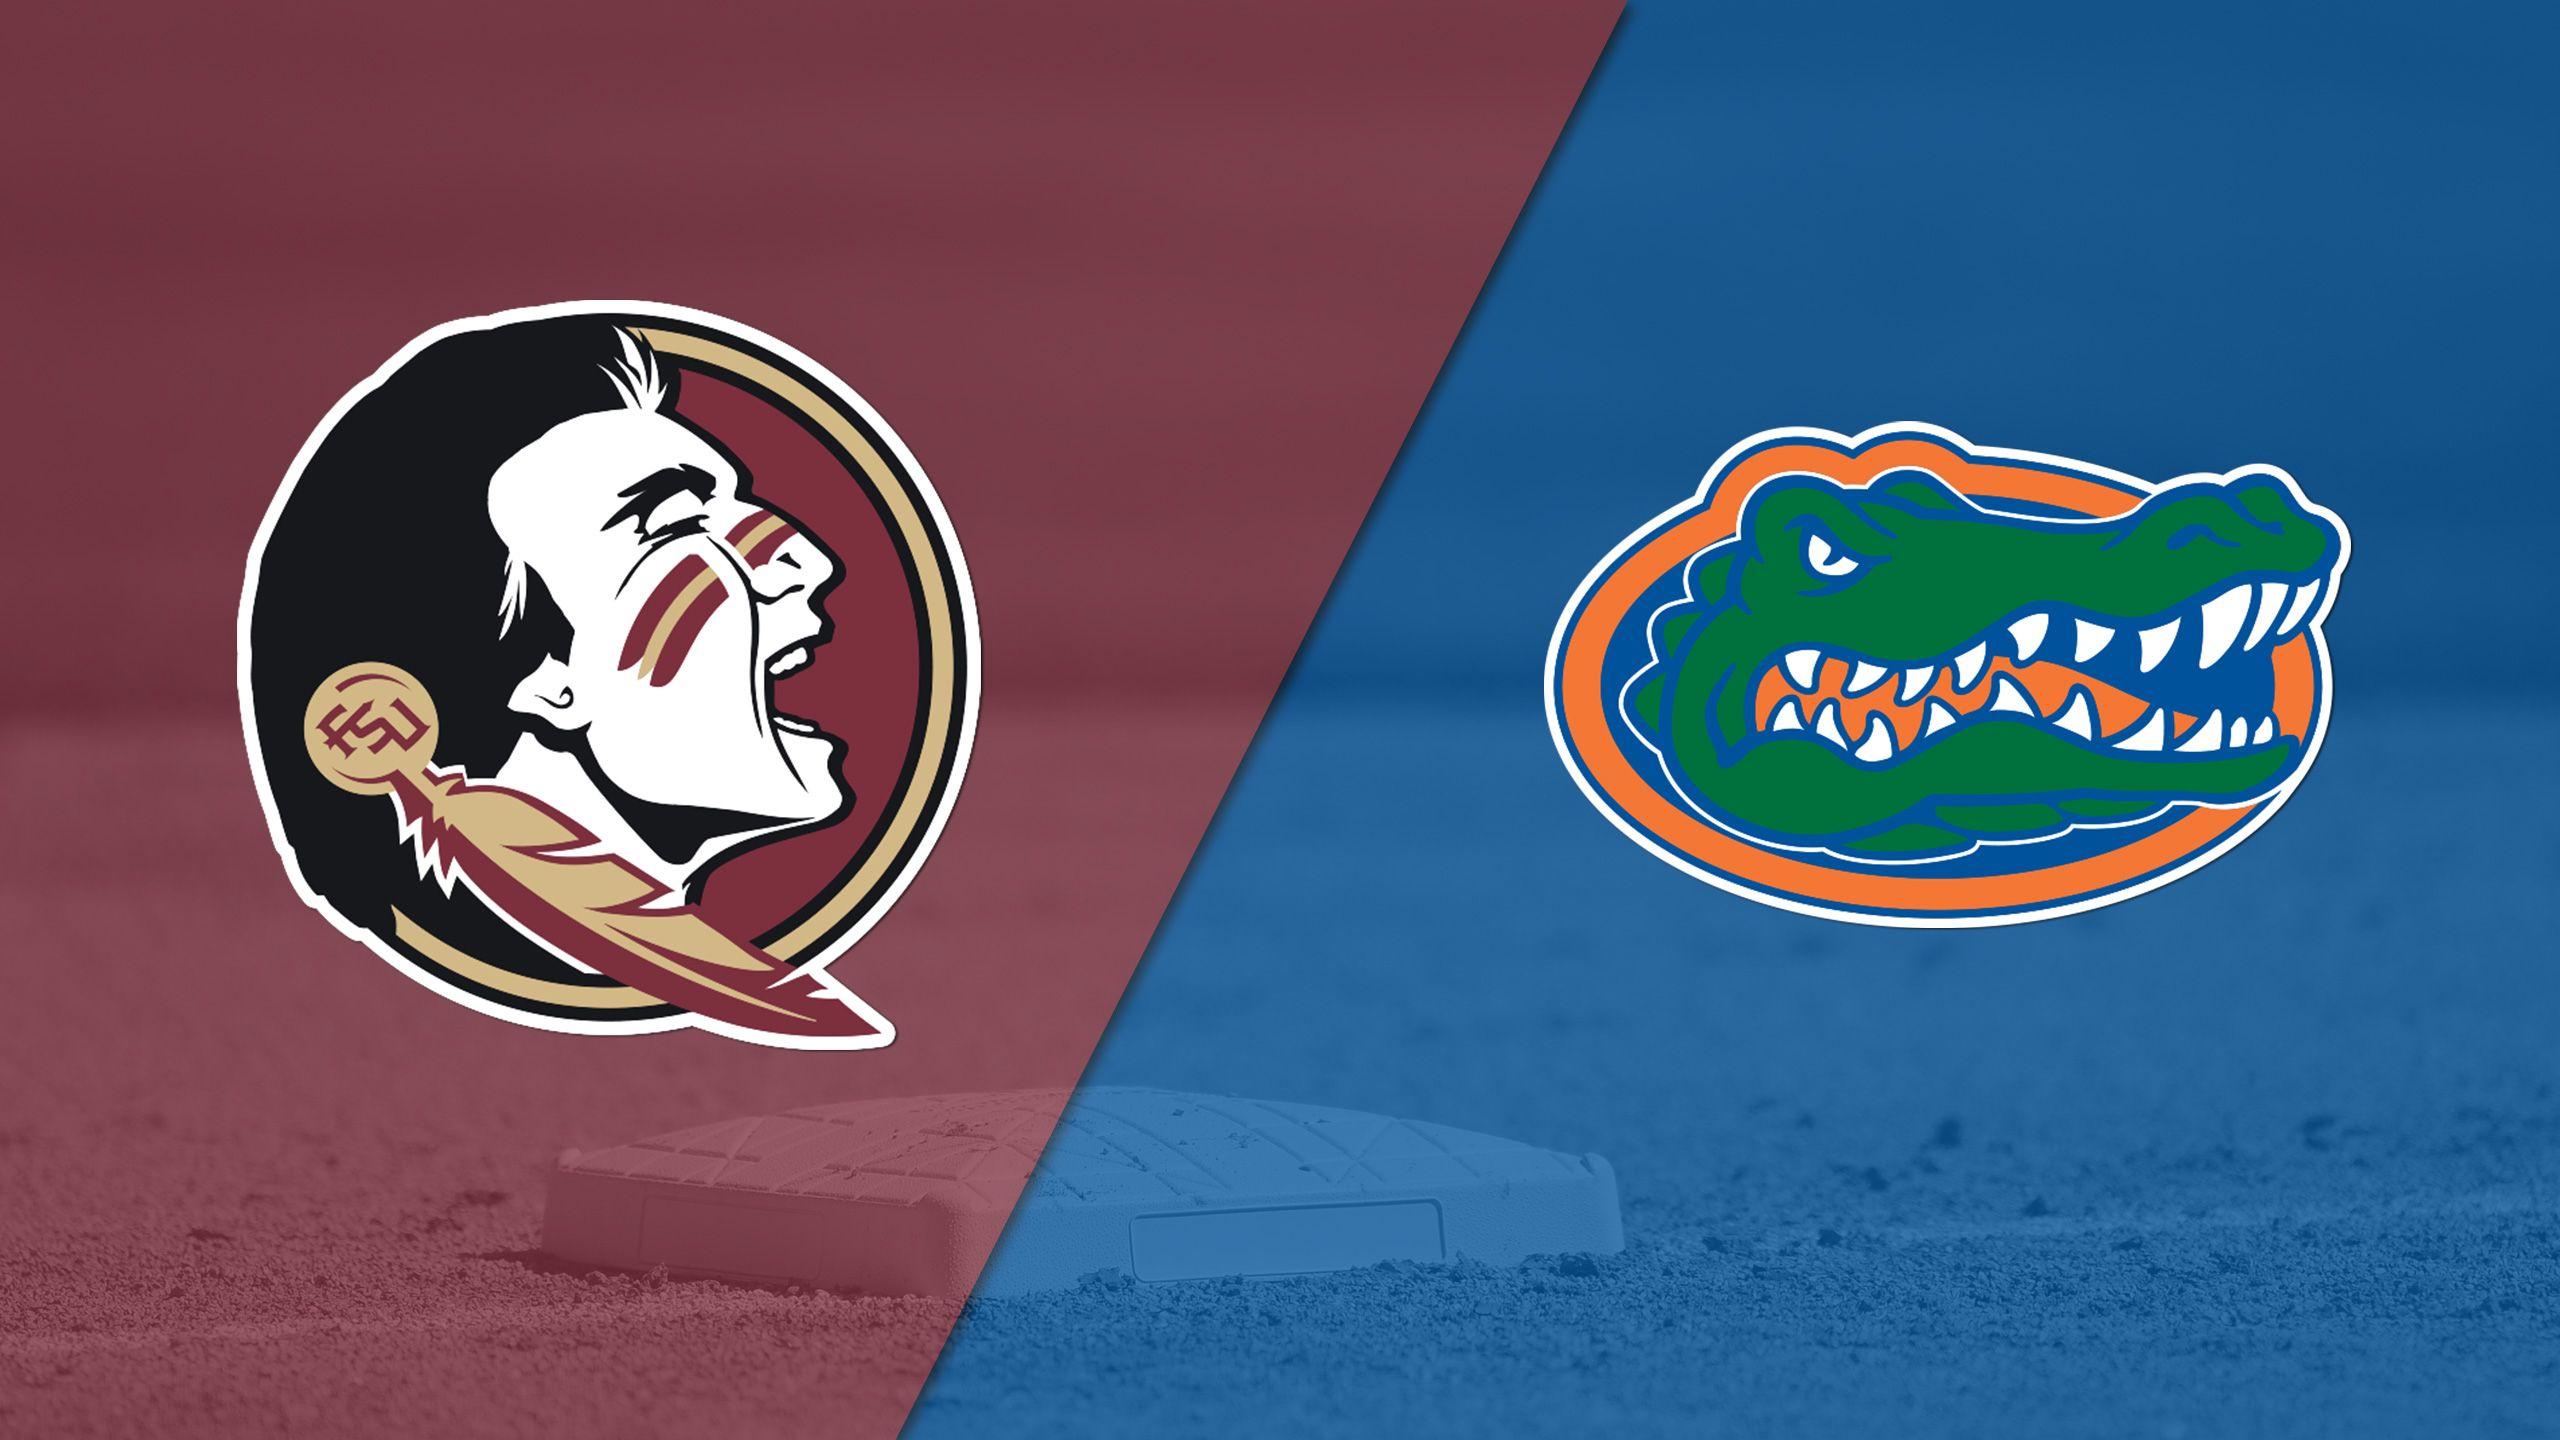 #2 Florida State vs. #3 Florida (Softball)